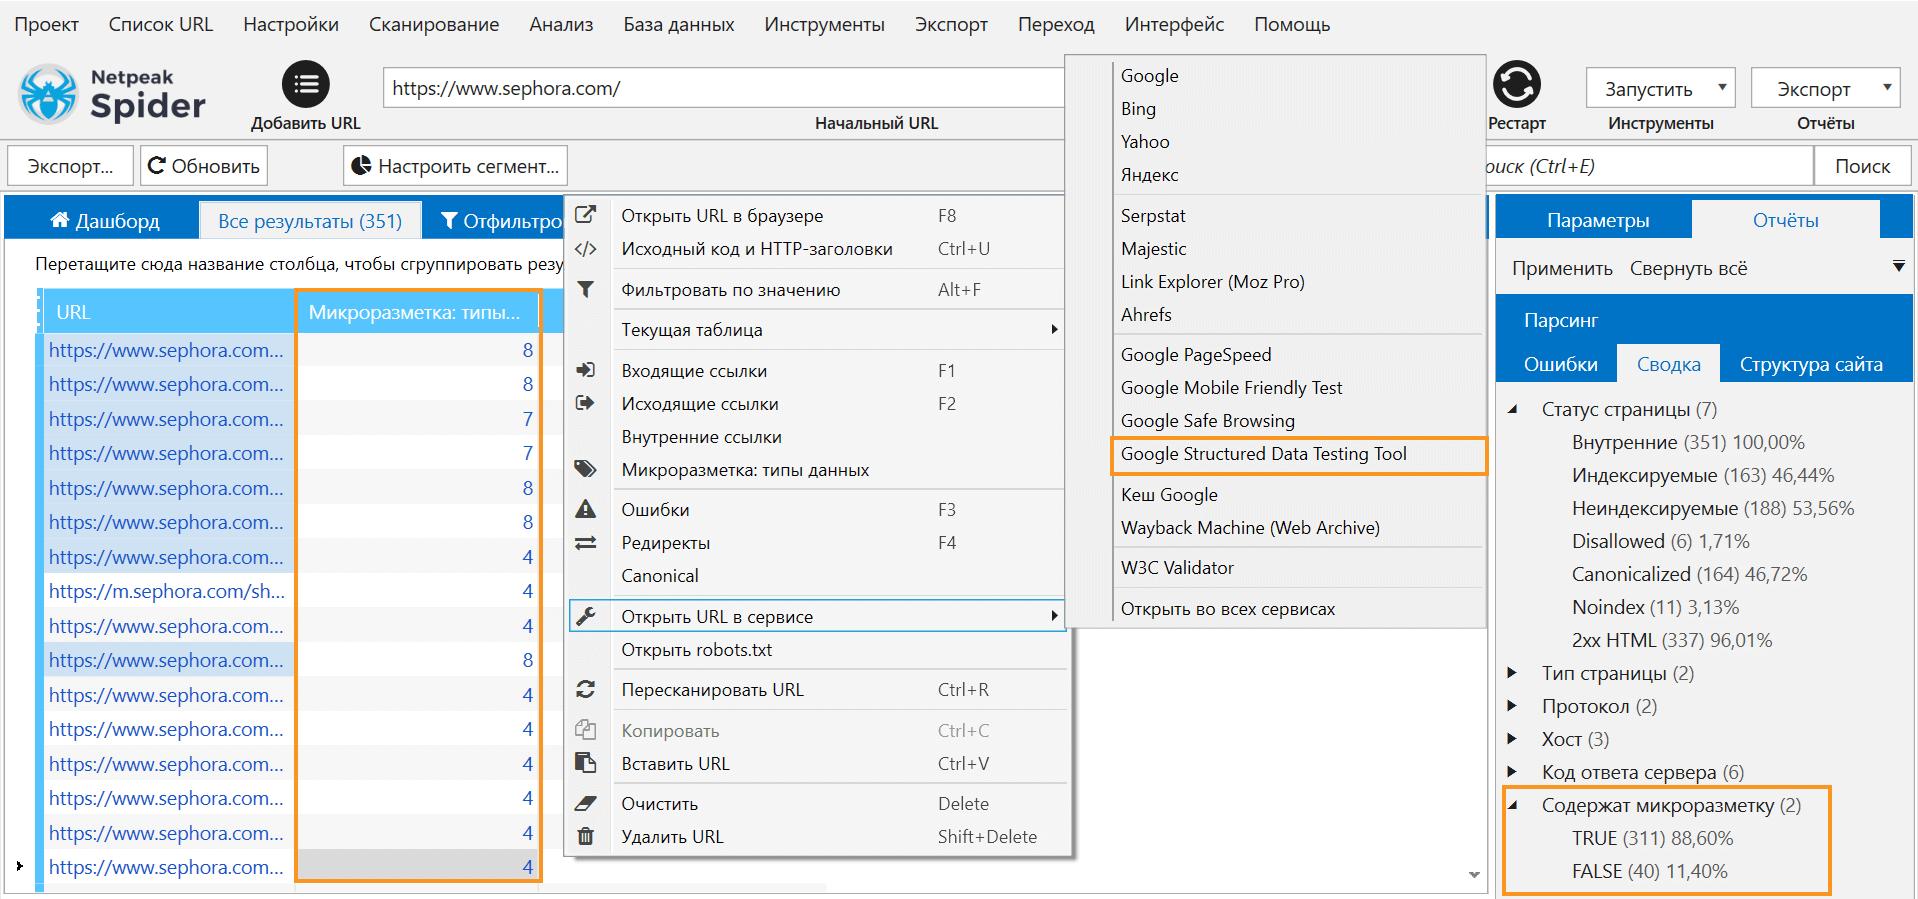 В основной таблице Netpeak Spider вы сможете увидеть столбец с параметром микроразметки, на боковой панели — сводку данных с обозначением TRUE / FALSE для микроразметки, а к валидации можно перейти через контекстное меню